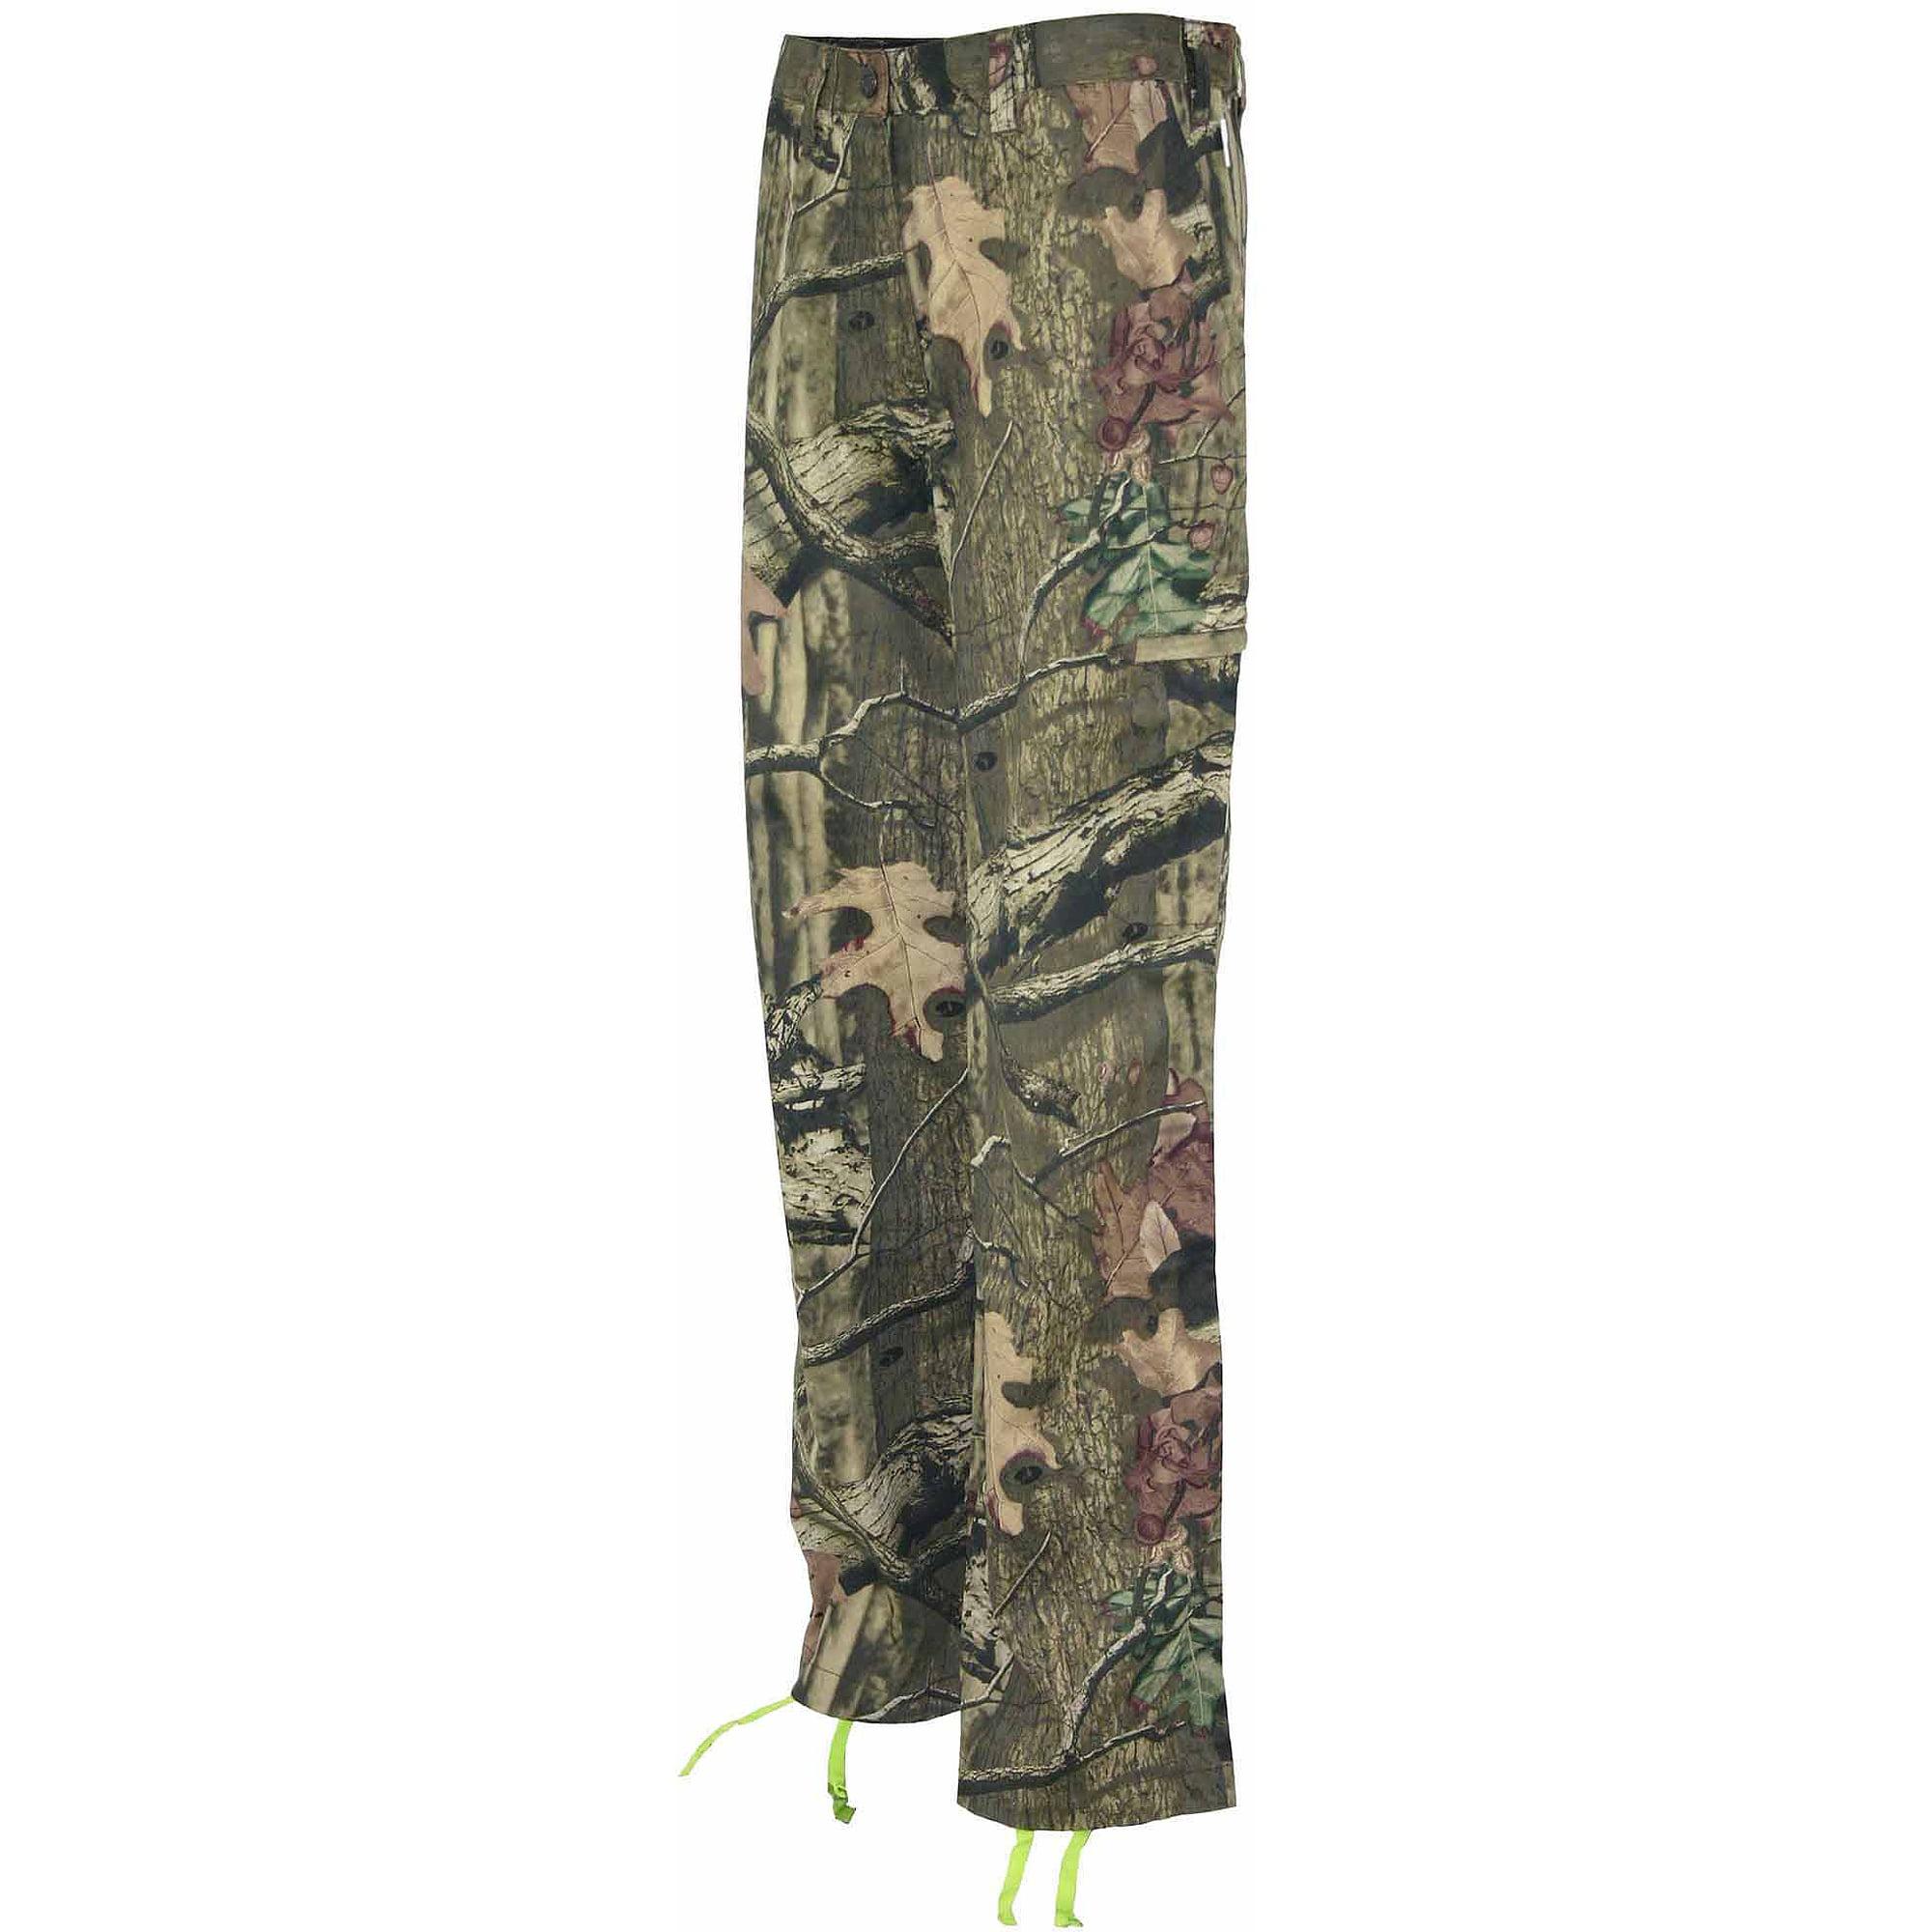 0479b4c450427 Mossy Oak Women's Hunting Pant - Walmart.com